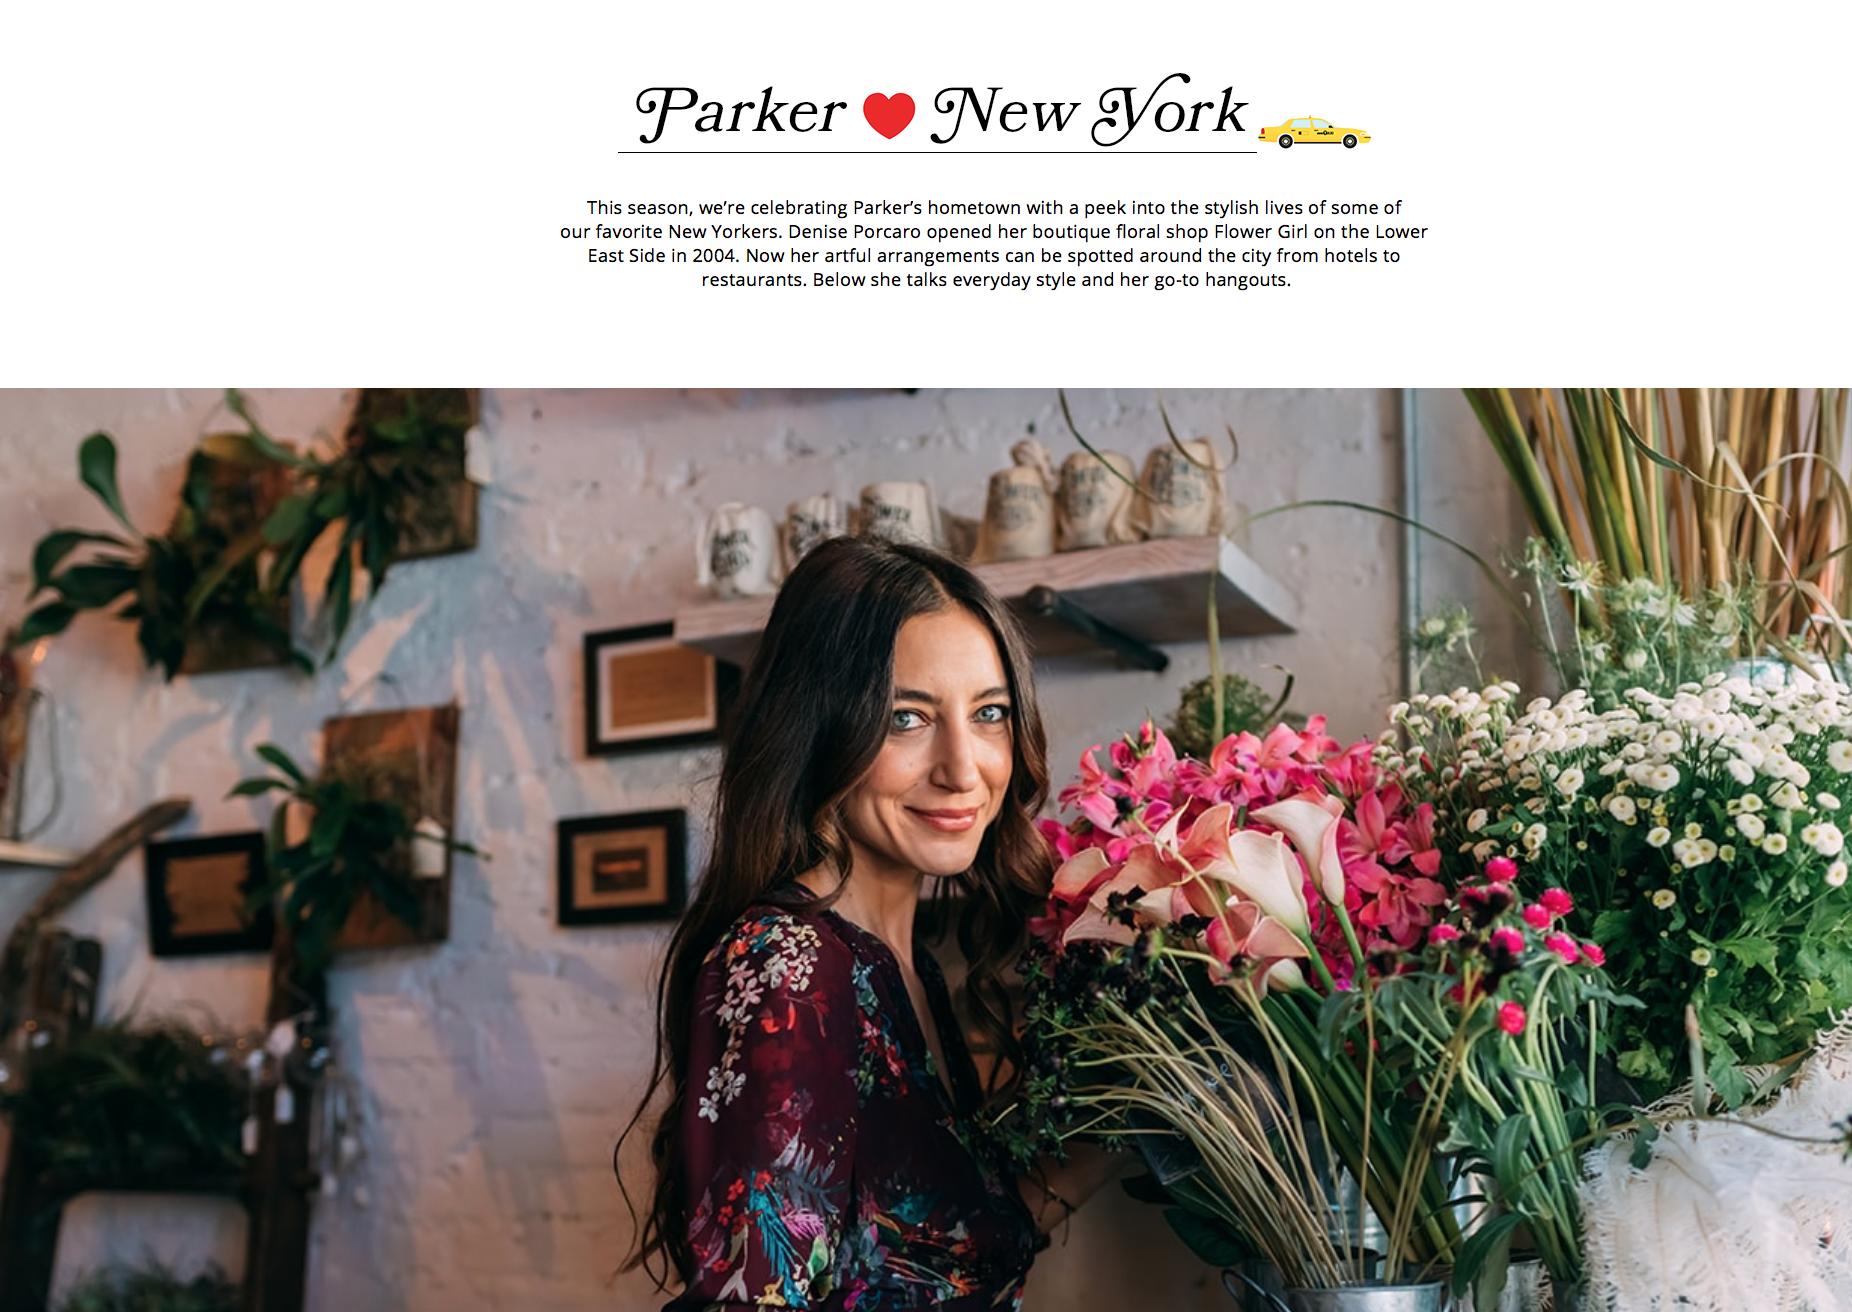 PARKER NEW YORK - SEPTEMBER 2018